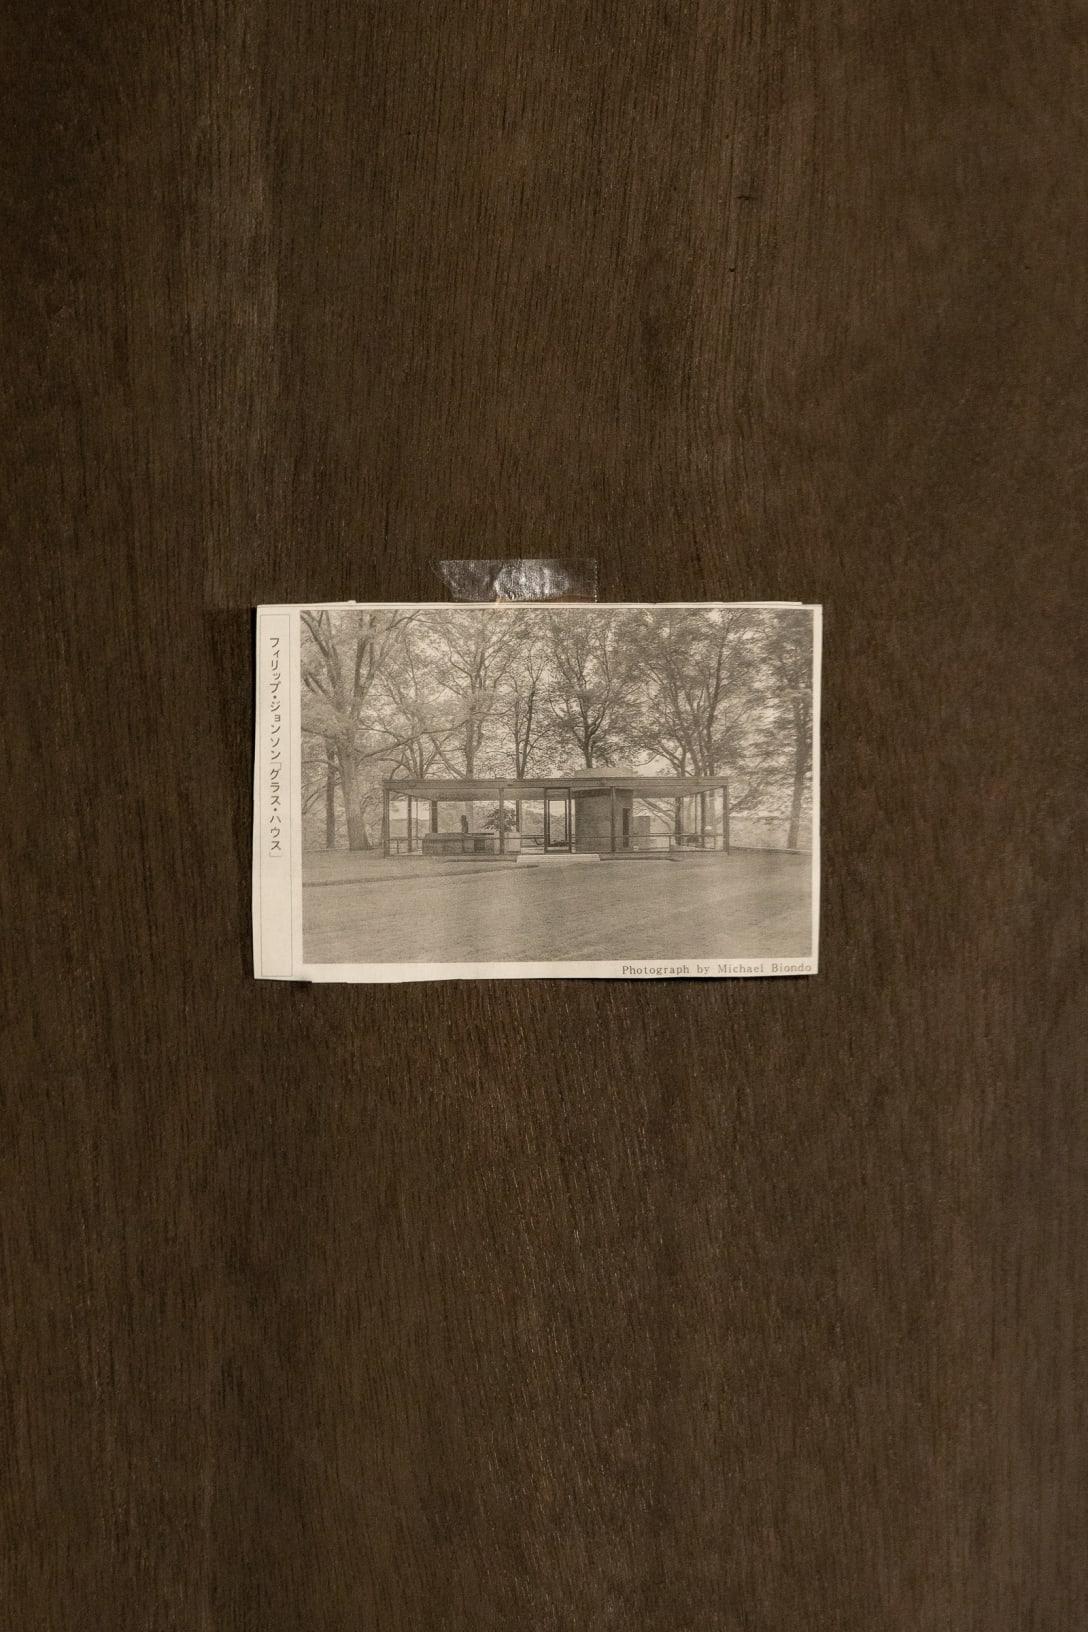 建築家フィリップ・ジョンソン「グラスハウス」の切り抜き